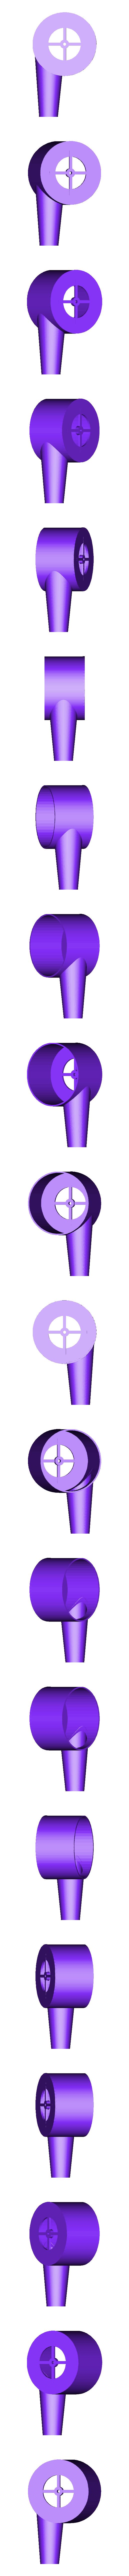 4.stl Download STL file Water Pump • 3D print design, LaythJawad